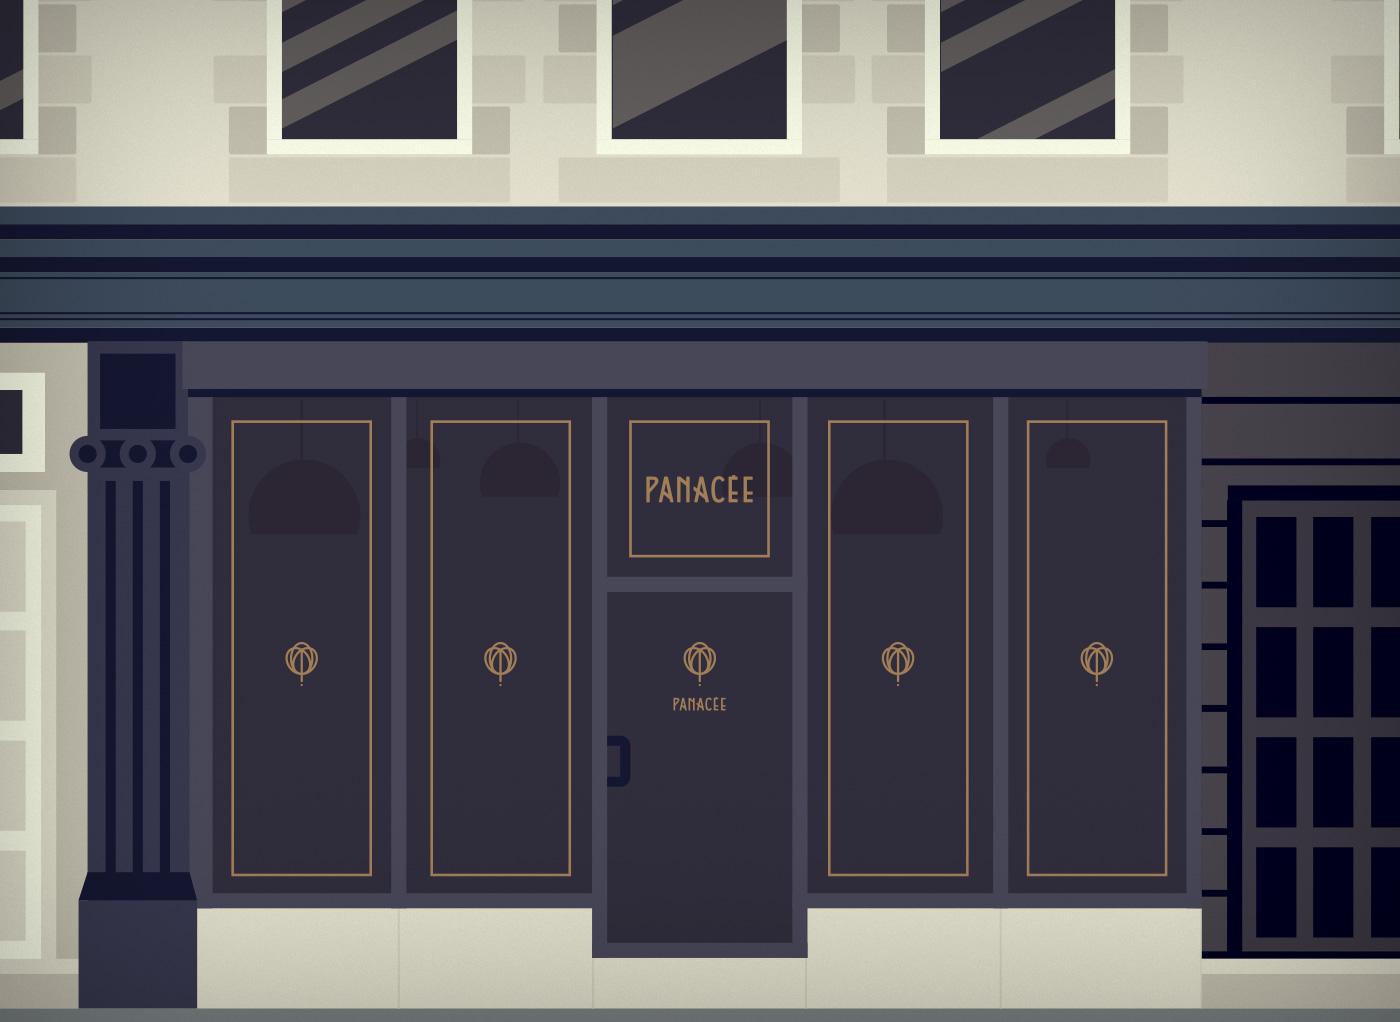 Mockups des visuels pour la devanture de Panacée